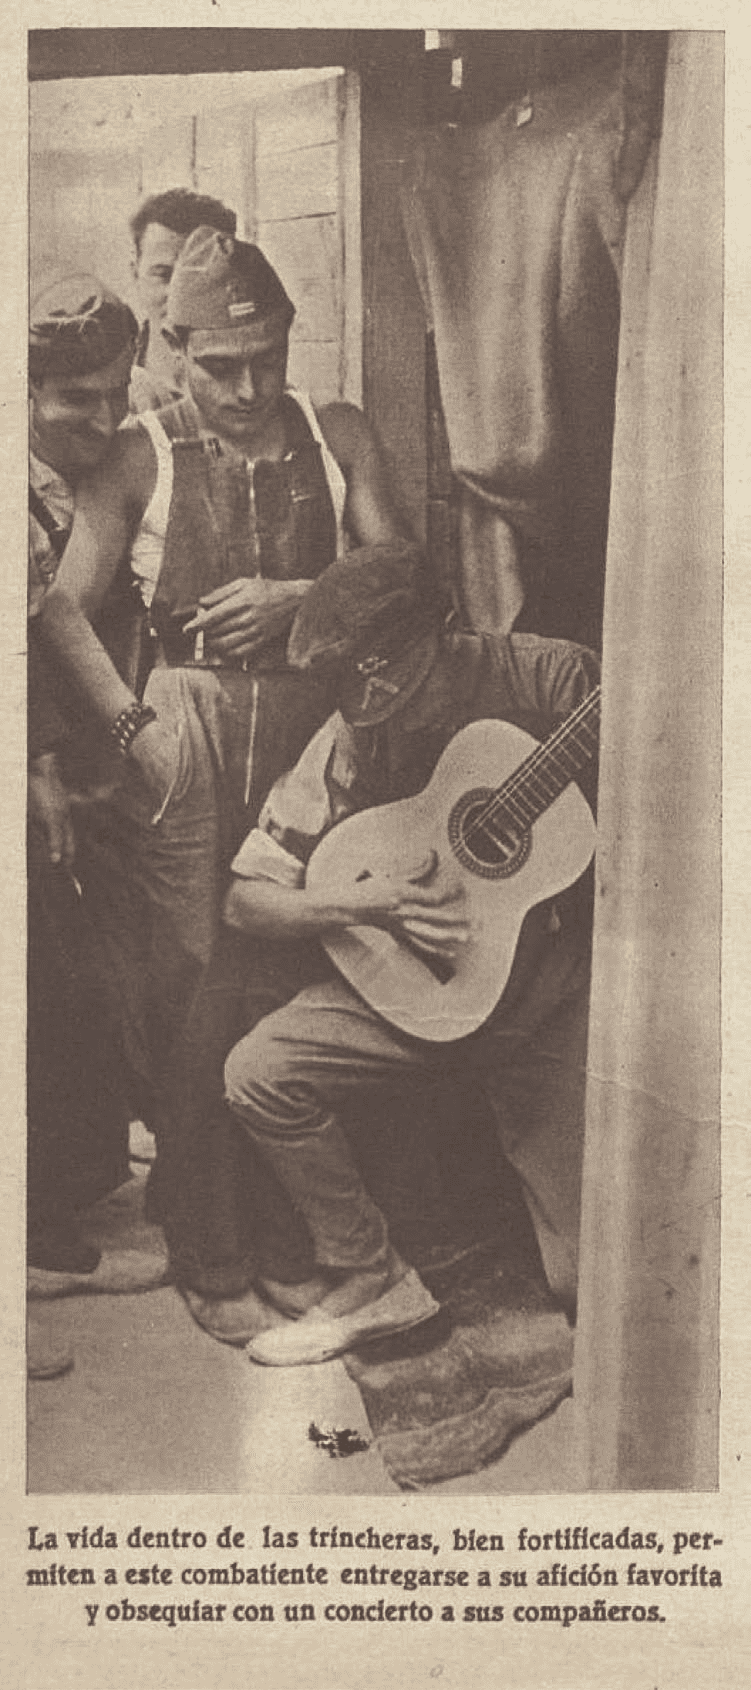 2 Extracto de la revista Crónica del 23 de mayo de 1937